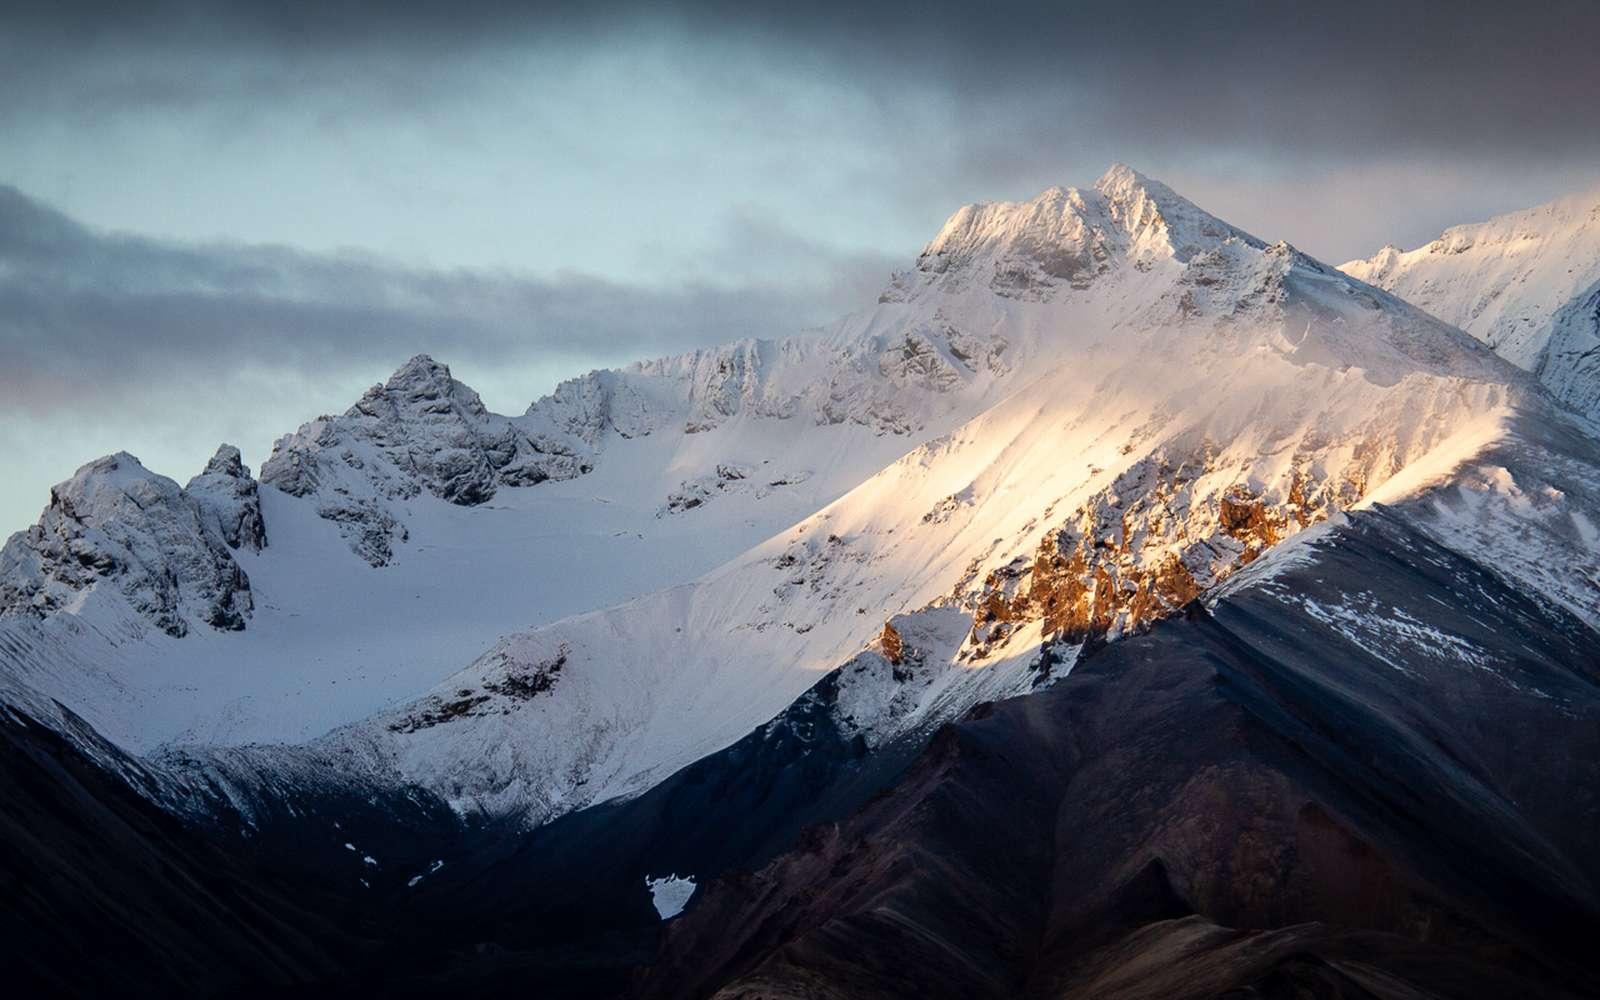 Le Mont Denali en Alaska voit ressurgir les dizaines de tonnes de déjections laissées par les alpinistes au cours de années. © Arthur T. LaBar, Flickr